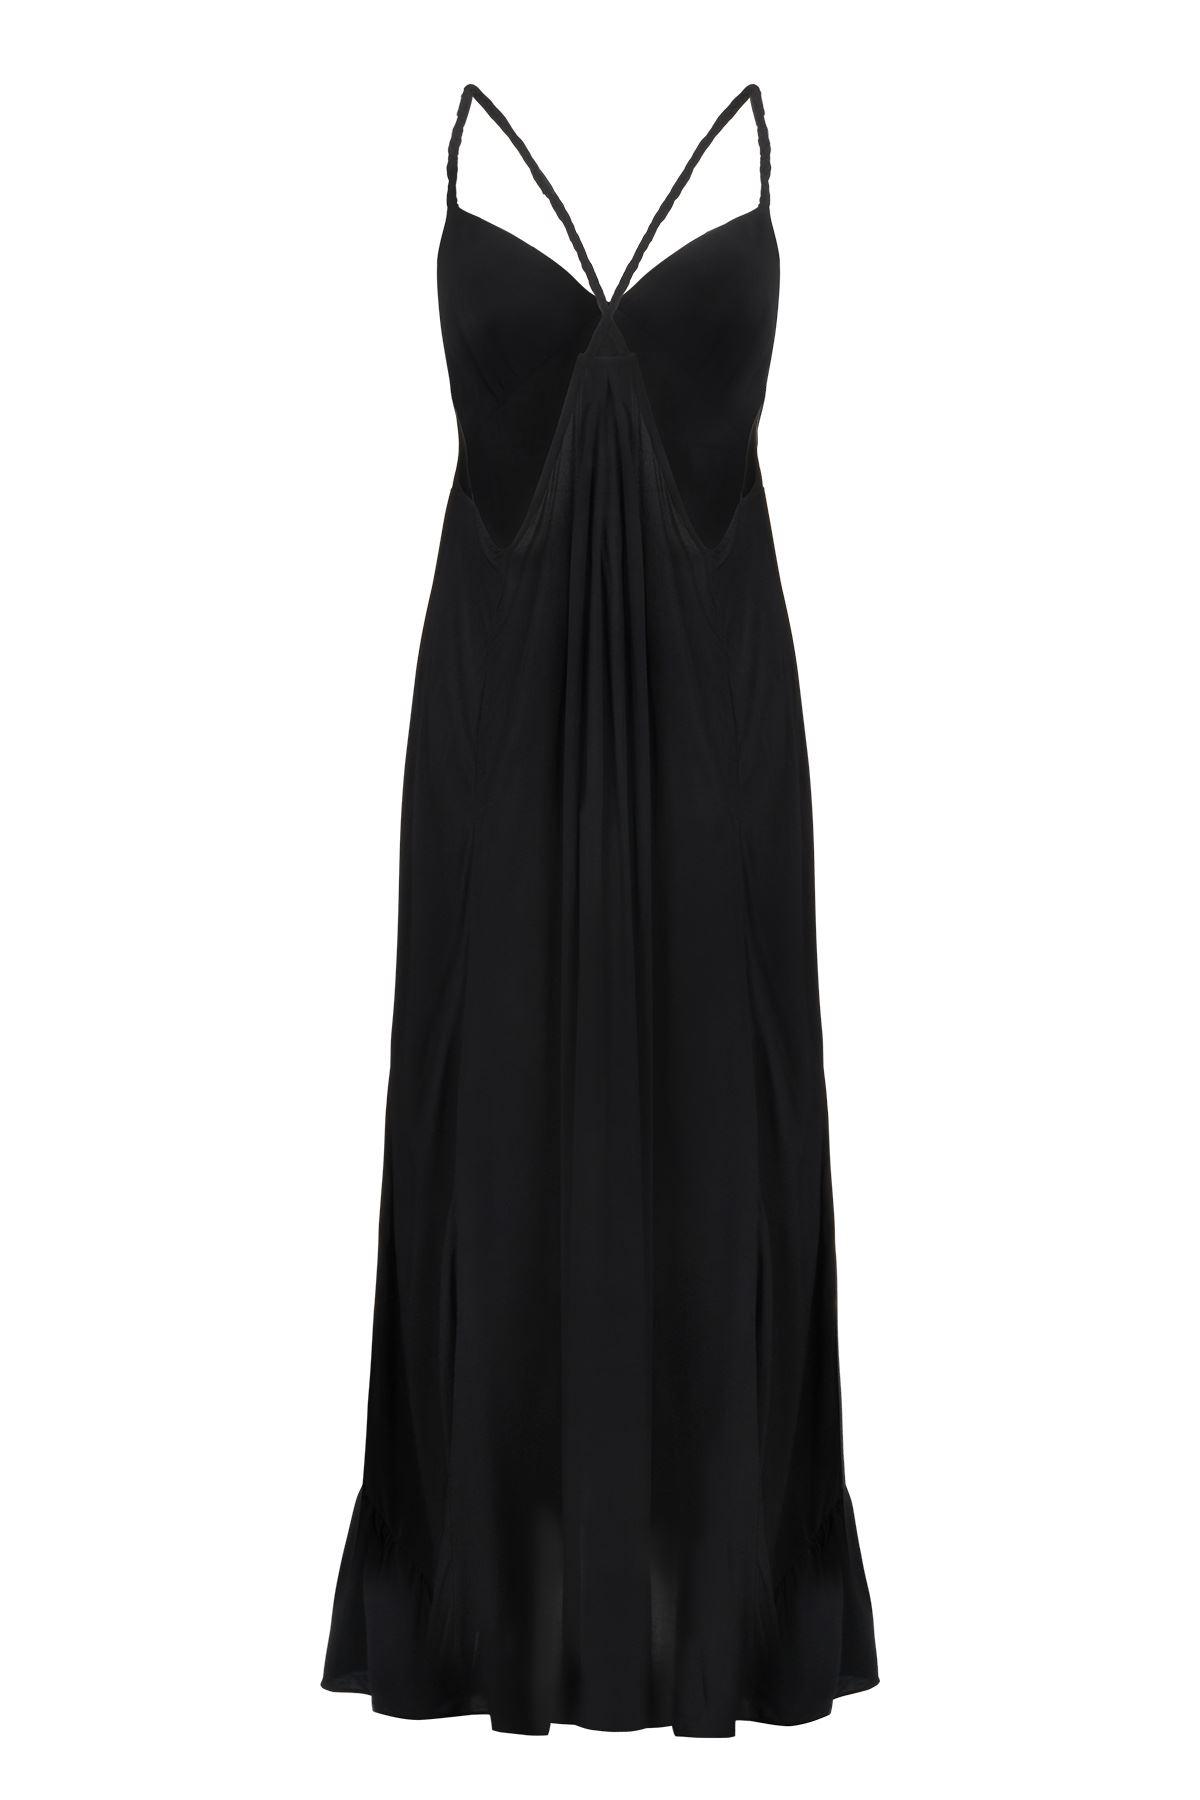 Siyah Maxi Elbise Örgü Askılı